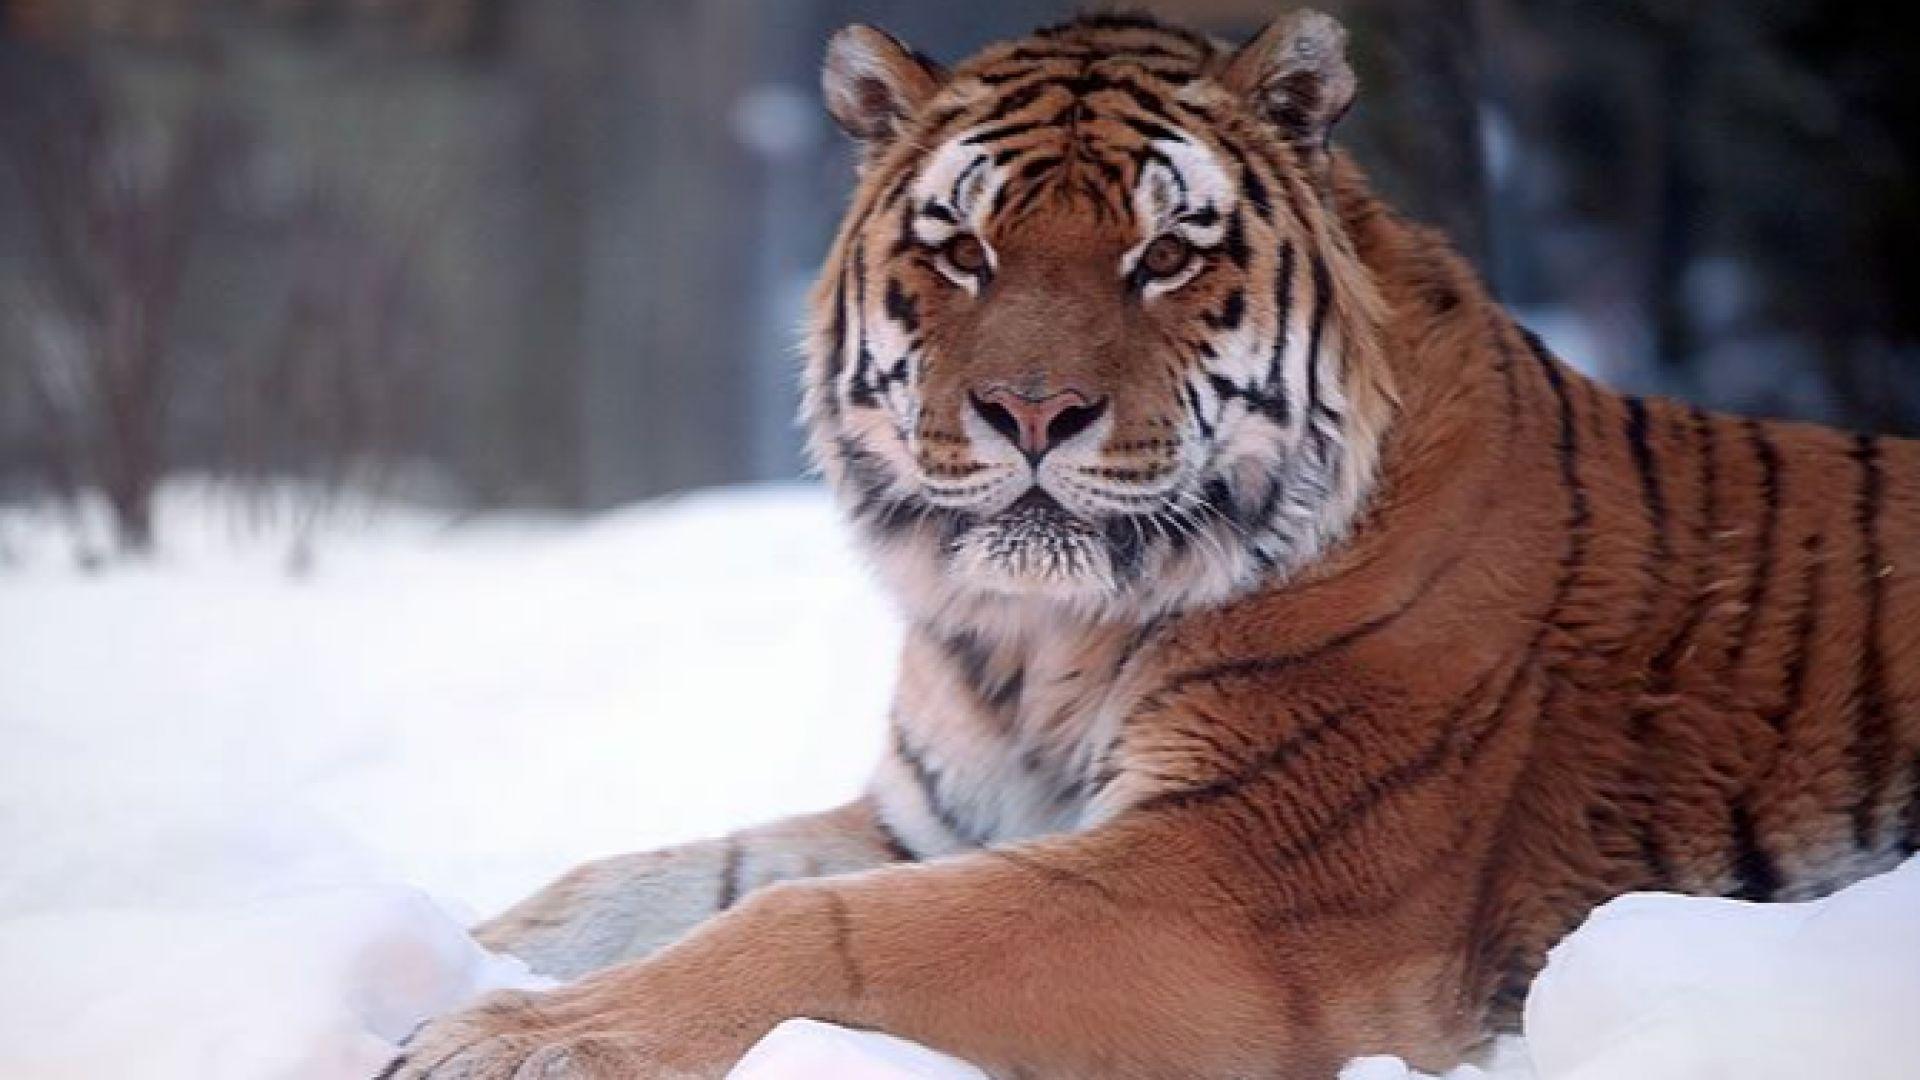 В Русия застреляха амурска тигрица, отхапала глава на човек